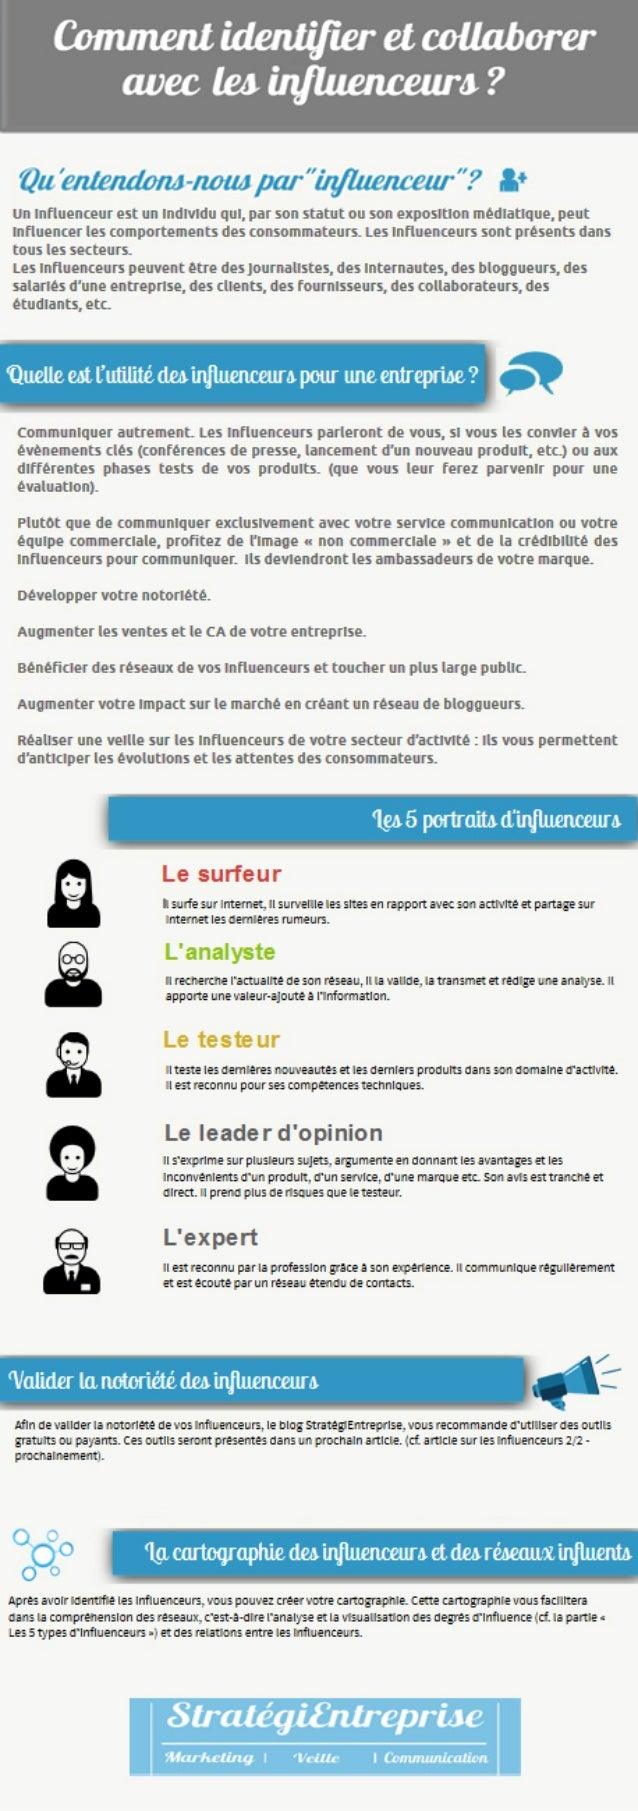 Infographie sur les influenceurs - Blog stratégientreprise